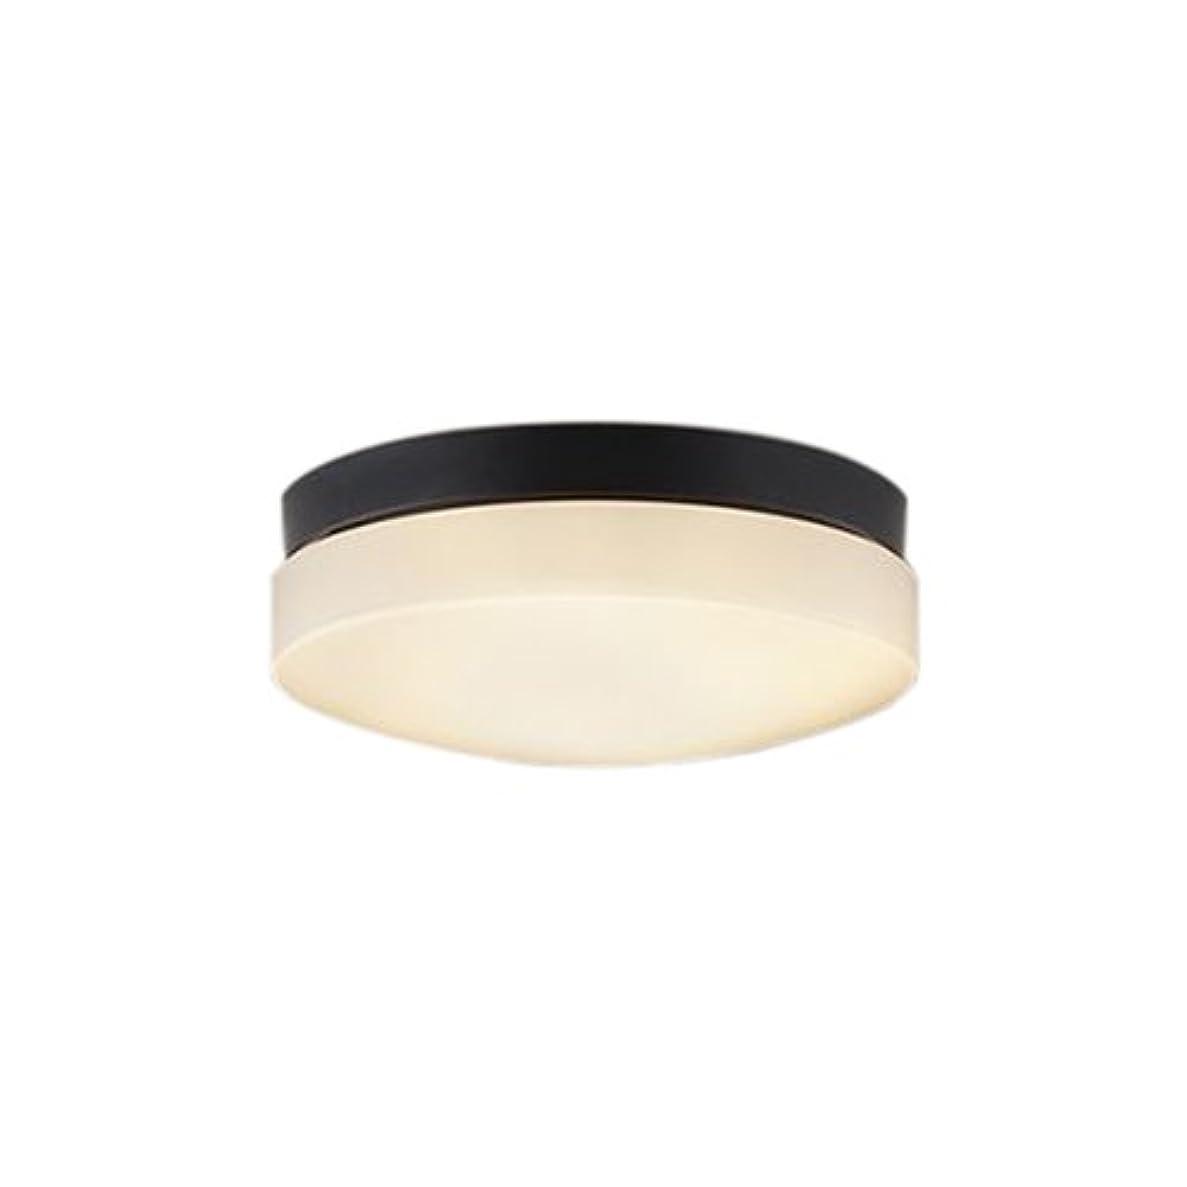 ヘアマージ業界コイズミ照明 防雨?防湿型軒下シーリング LEDランプタイプ FCL30W相当 電球色 黒色 AU46887L